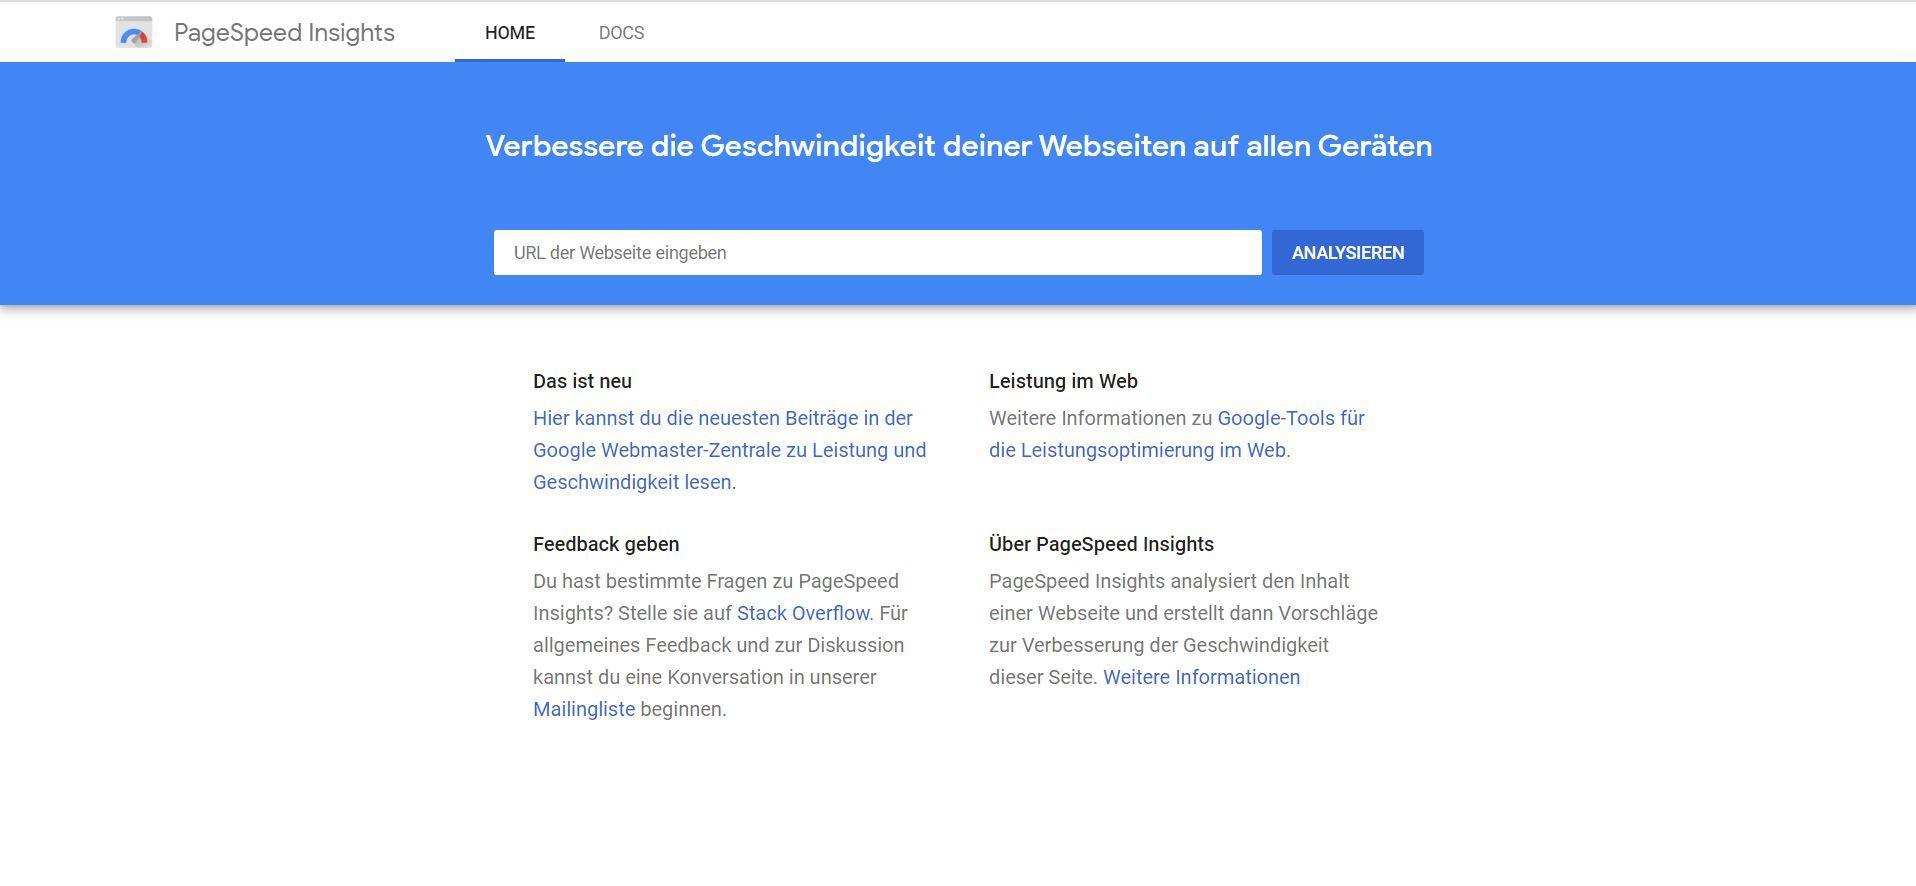 Google PageSpeed Insights: URL eingeben